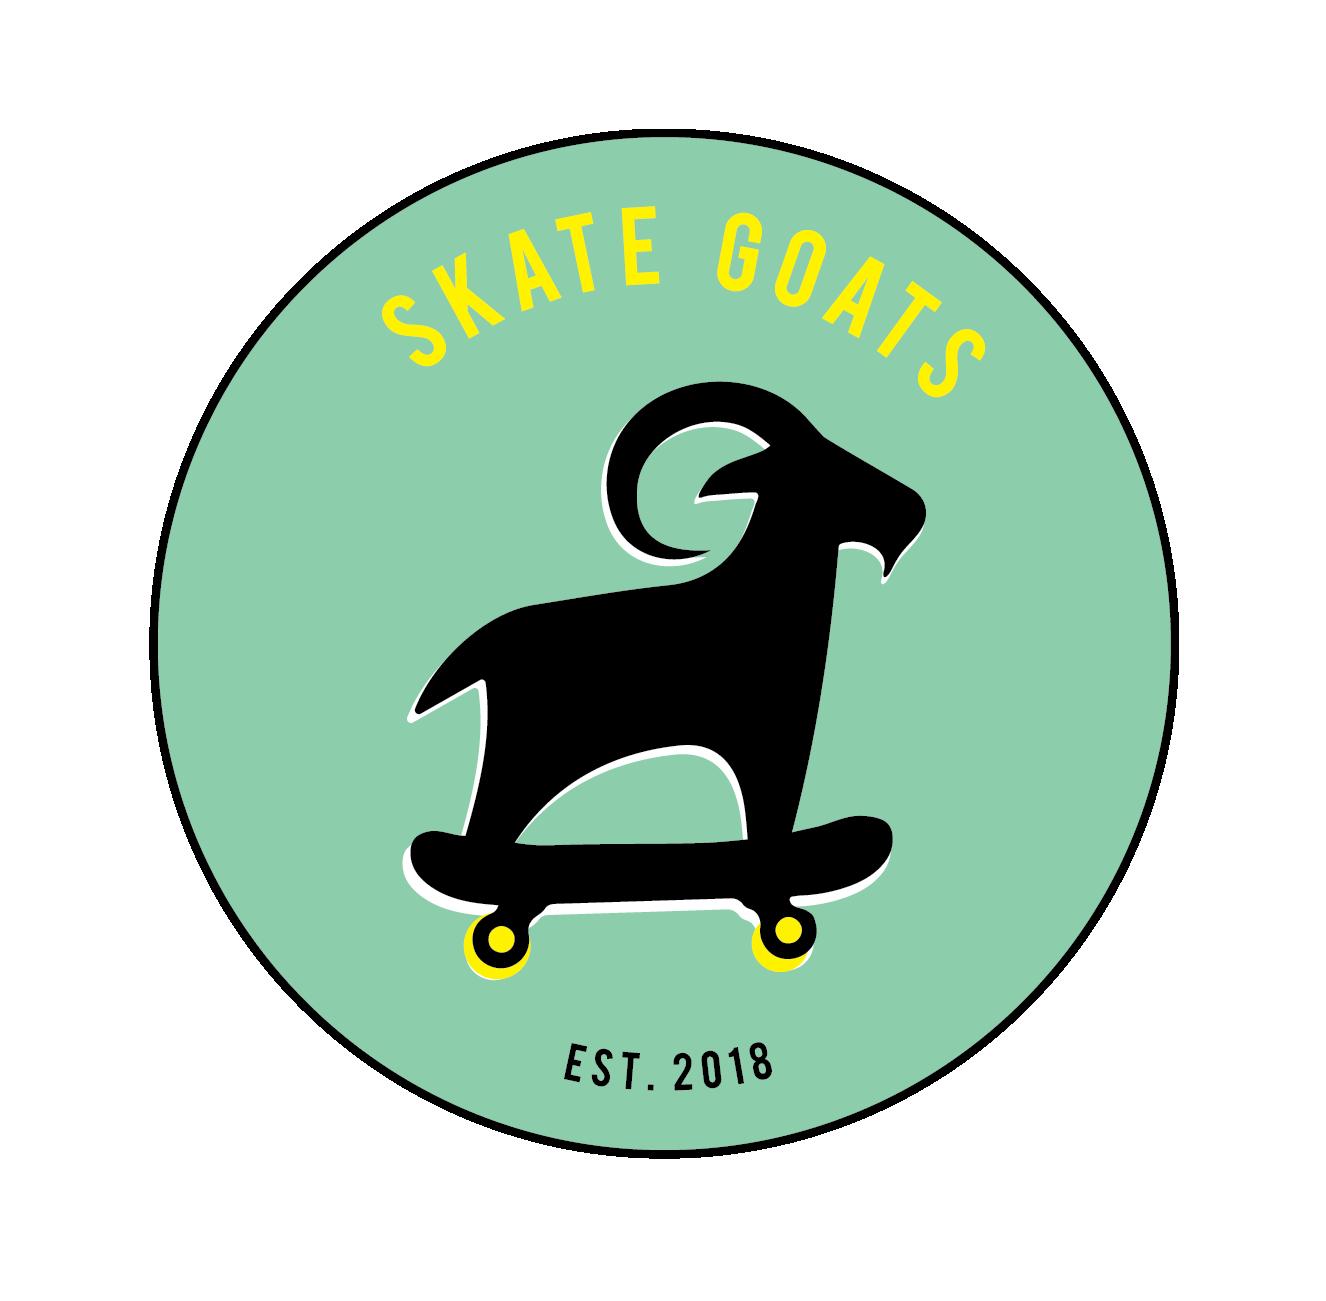 SkateGoats_Logo_Round-01